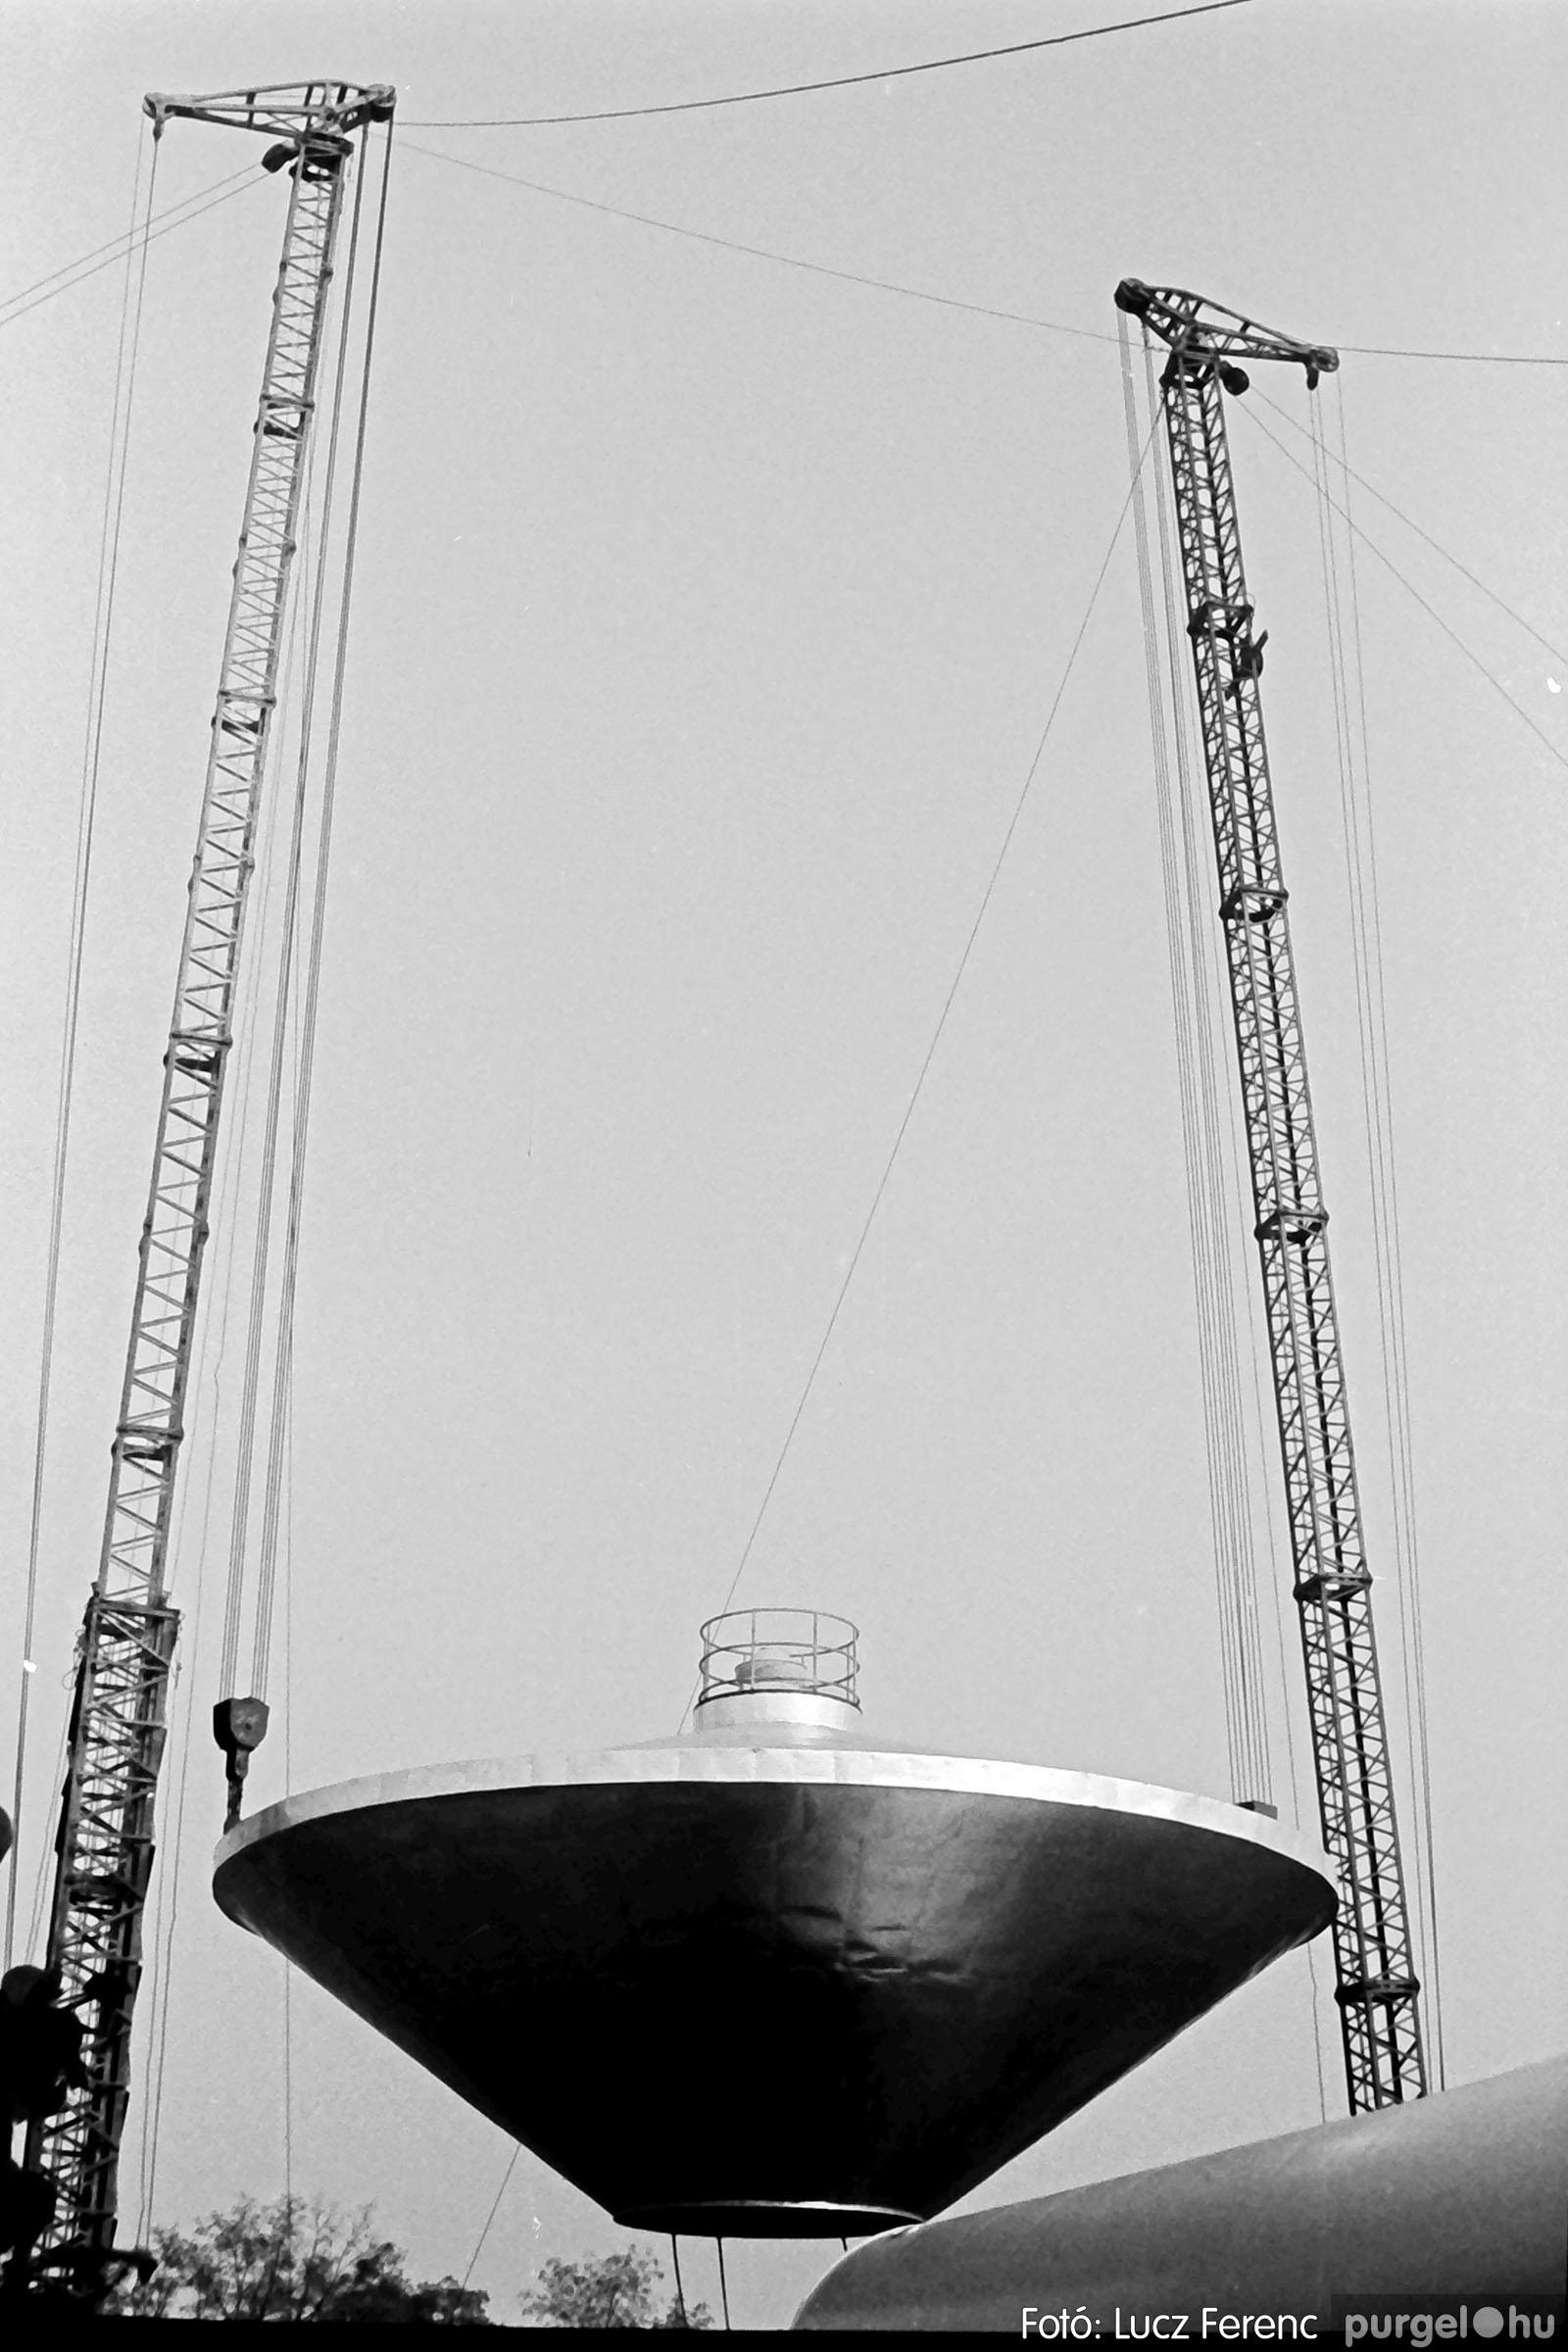 122A. 1978. Épül a víztorony 018. - Fotó: Lucz Ferenc.jpg